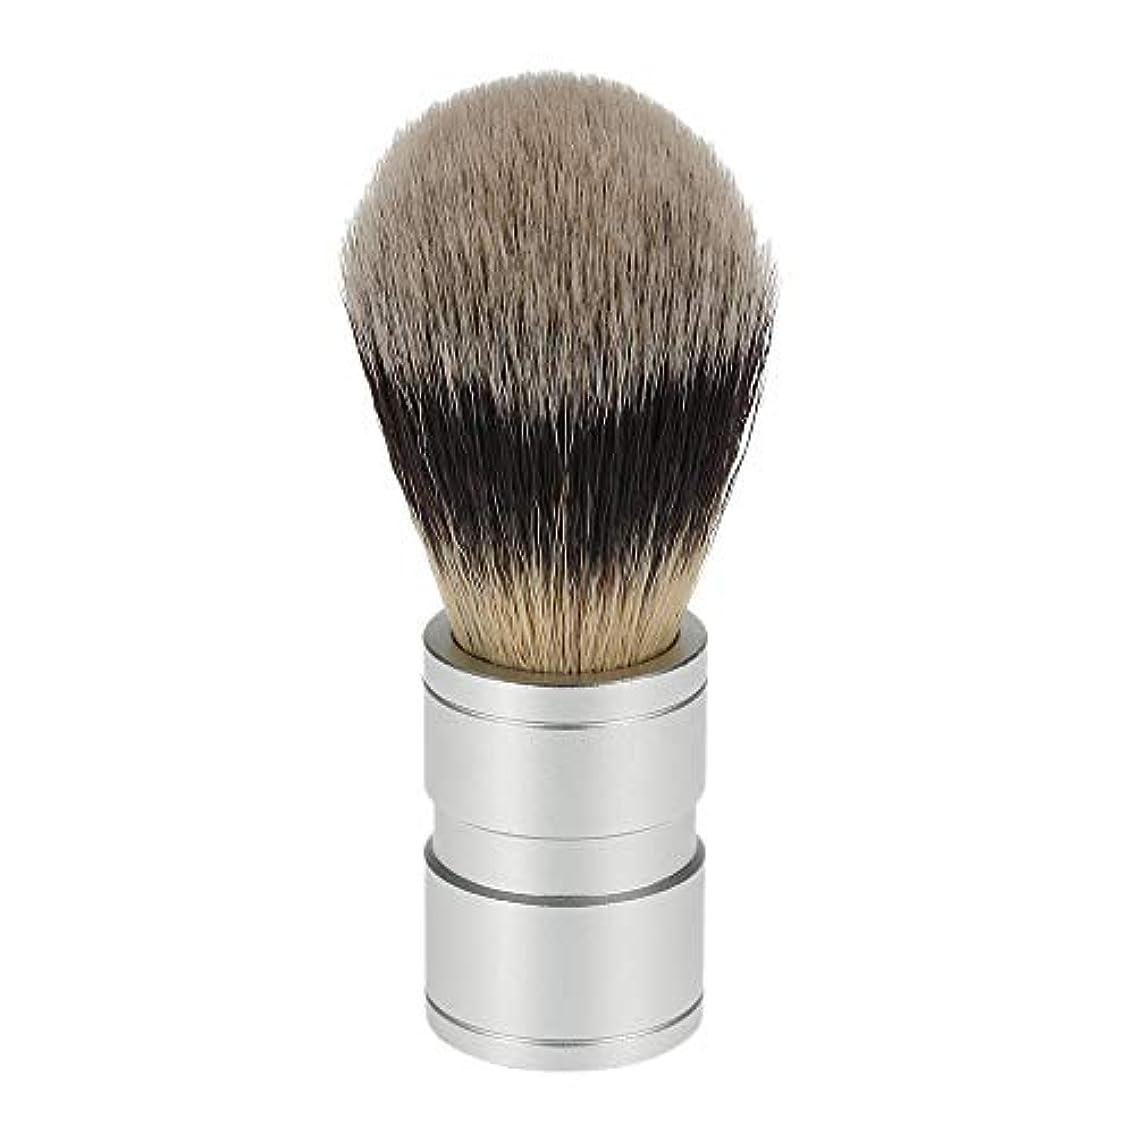 クスコゲーム警報ACAMPTAR 1ピース 男性のヘアシェービングブラシ ステンレス金属ハンドル ソフト合成ナイロンヘア理髪ブラシ 快適な ひげ剃りツール